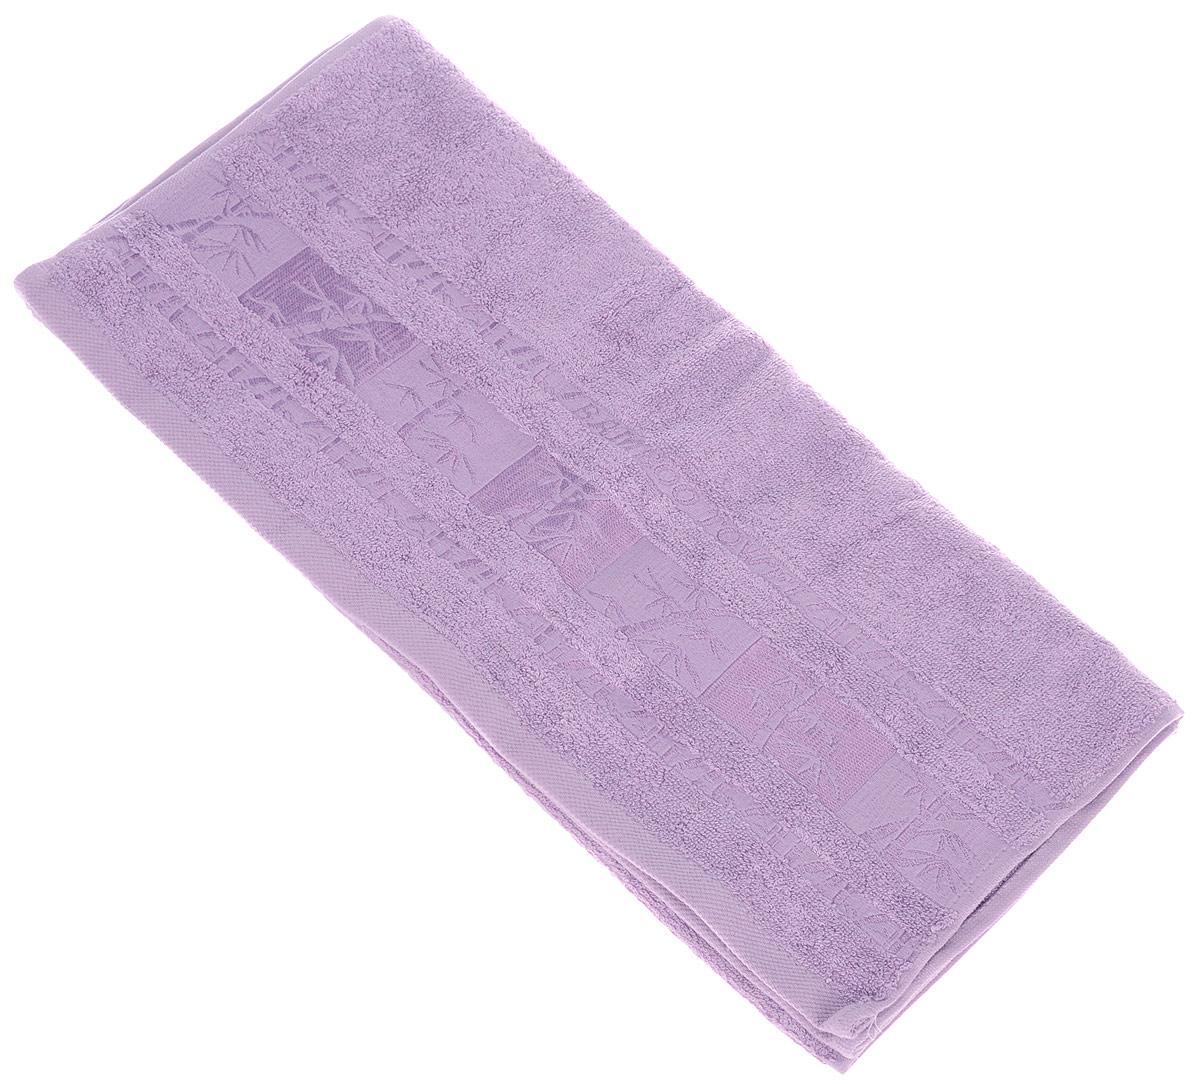 Полотенце Brielle Bamboo, цвет: лиловый, 50 х 90 см1212Полотенца ТАС Приятно удивляют и дают возможность почувствовать себя творцом окружающего декора. Махровая ткань – официальное название «фроте», народное – «махра». Фроте – это натуральная ткань, поверхность которой состоит из ворса (петель основных нитей). Ворс может быть как одинарным (односторонним), так и двойным (двусторонним).